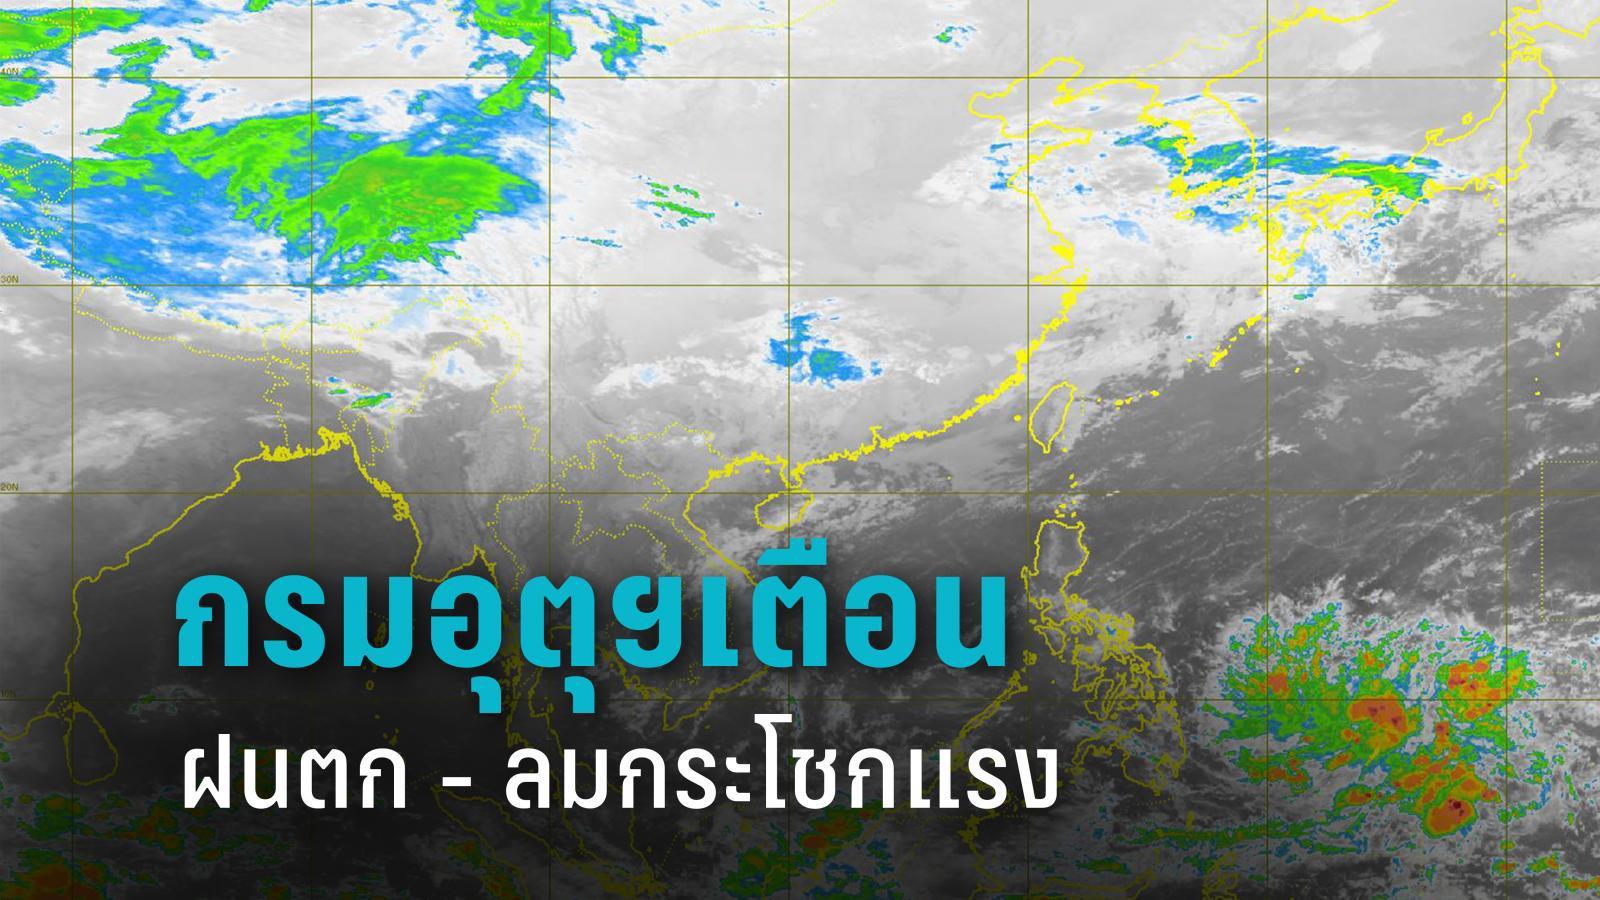 กรมอุตุฯ เตือน ไทยอากาศร้อน ฝนตก ลมกระโชกแรง กทม.ฟ้าคะนอง 10%